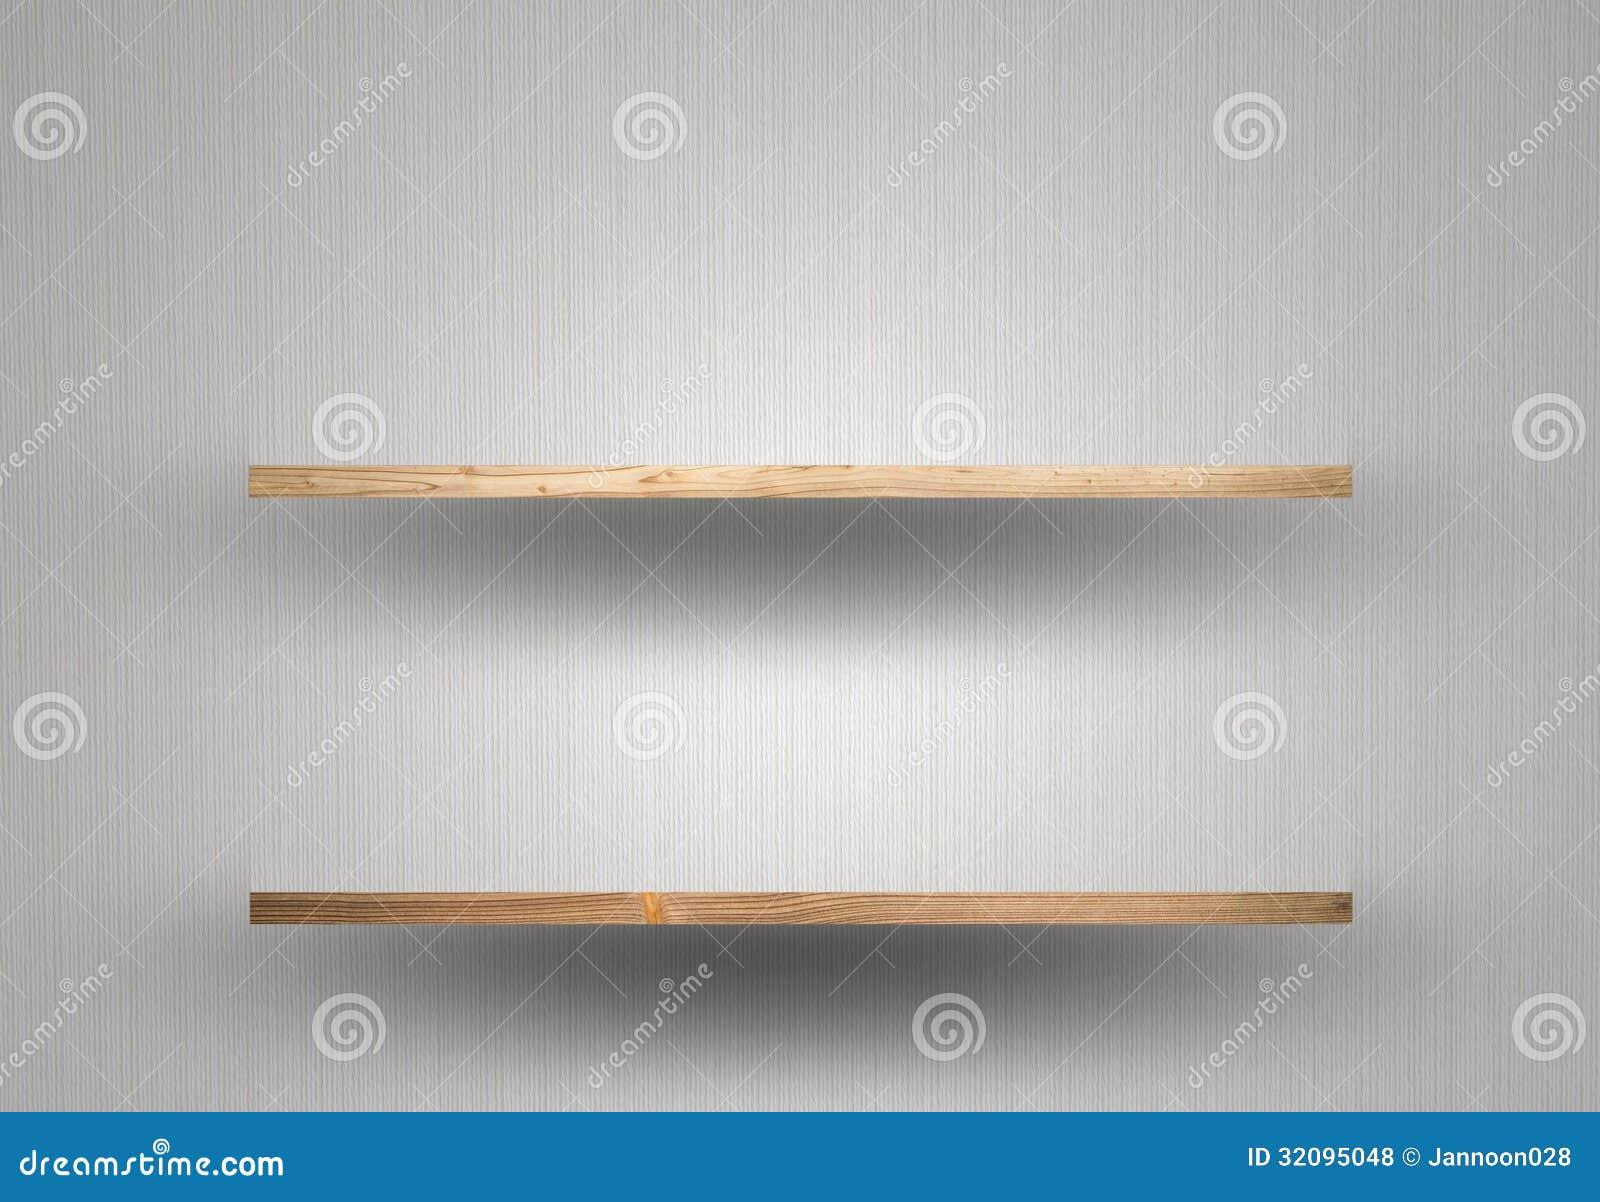 Lege Houten Plank Op Muur Royalty-vrije Stock Fotos - Afbeelding ...